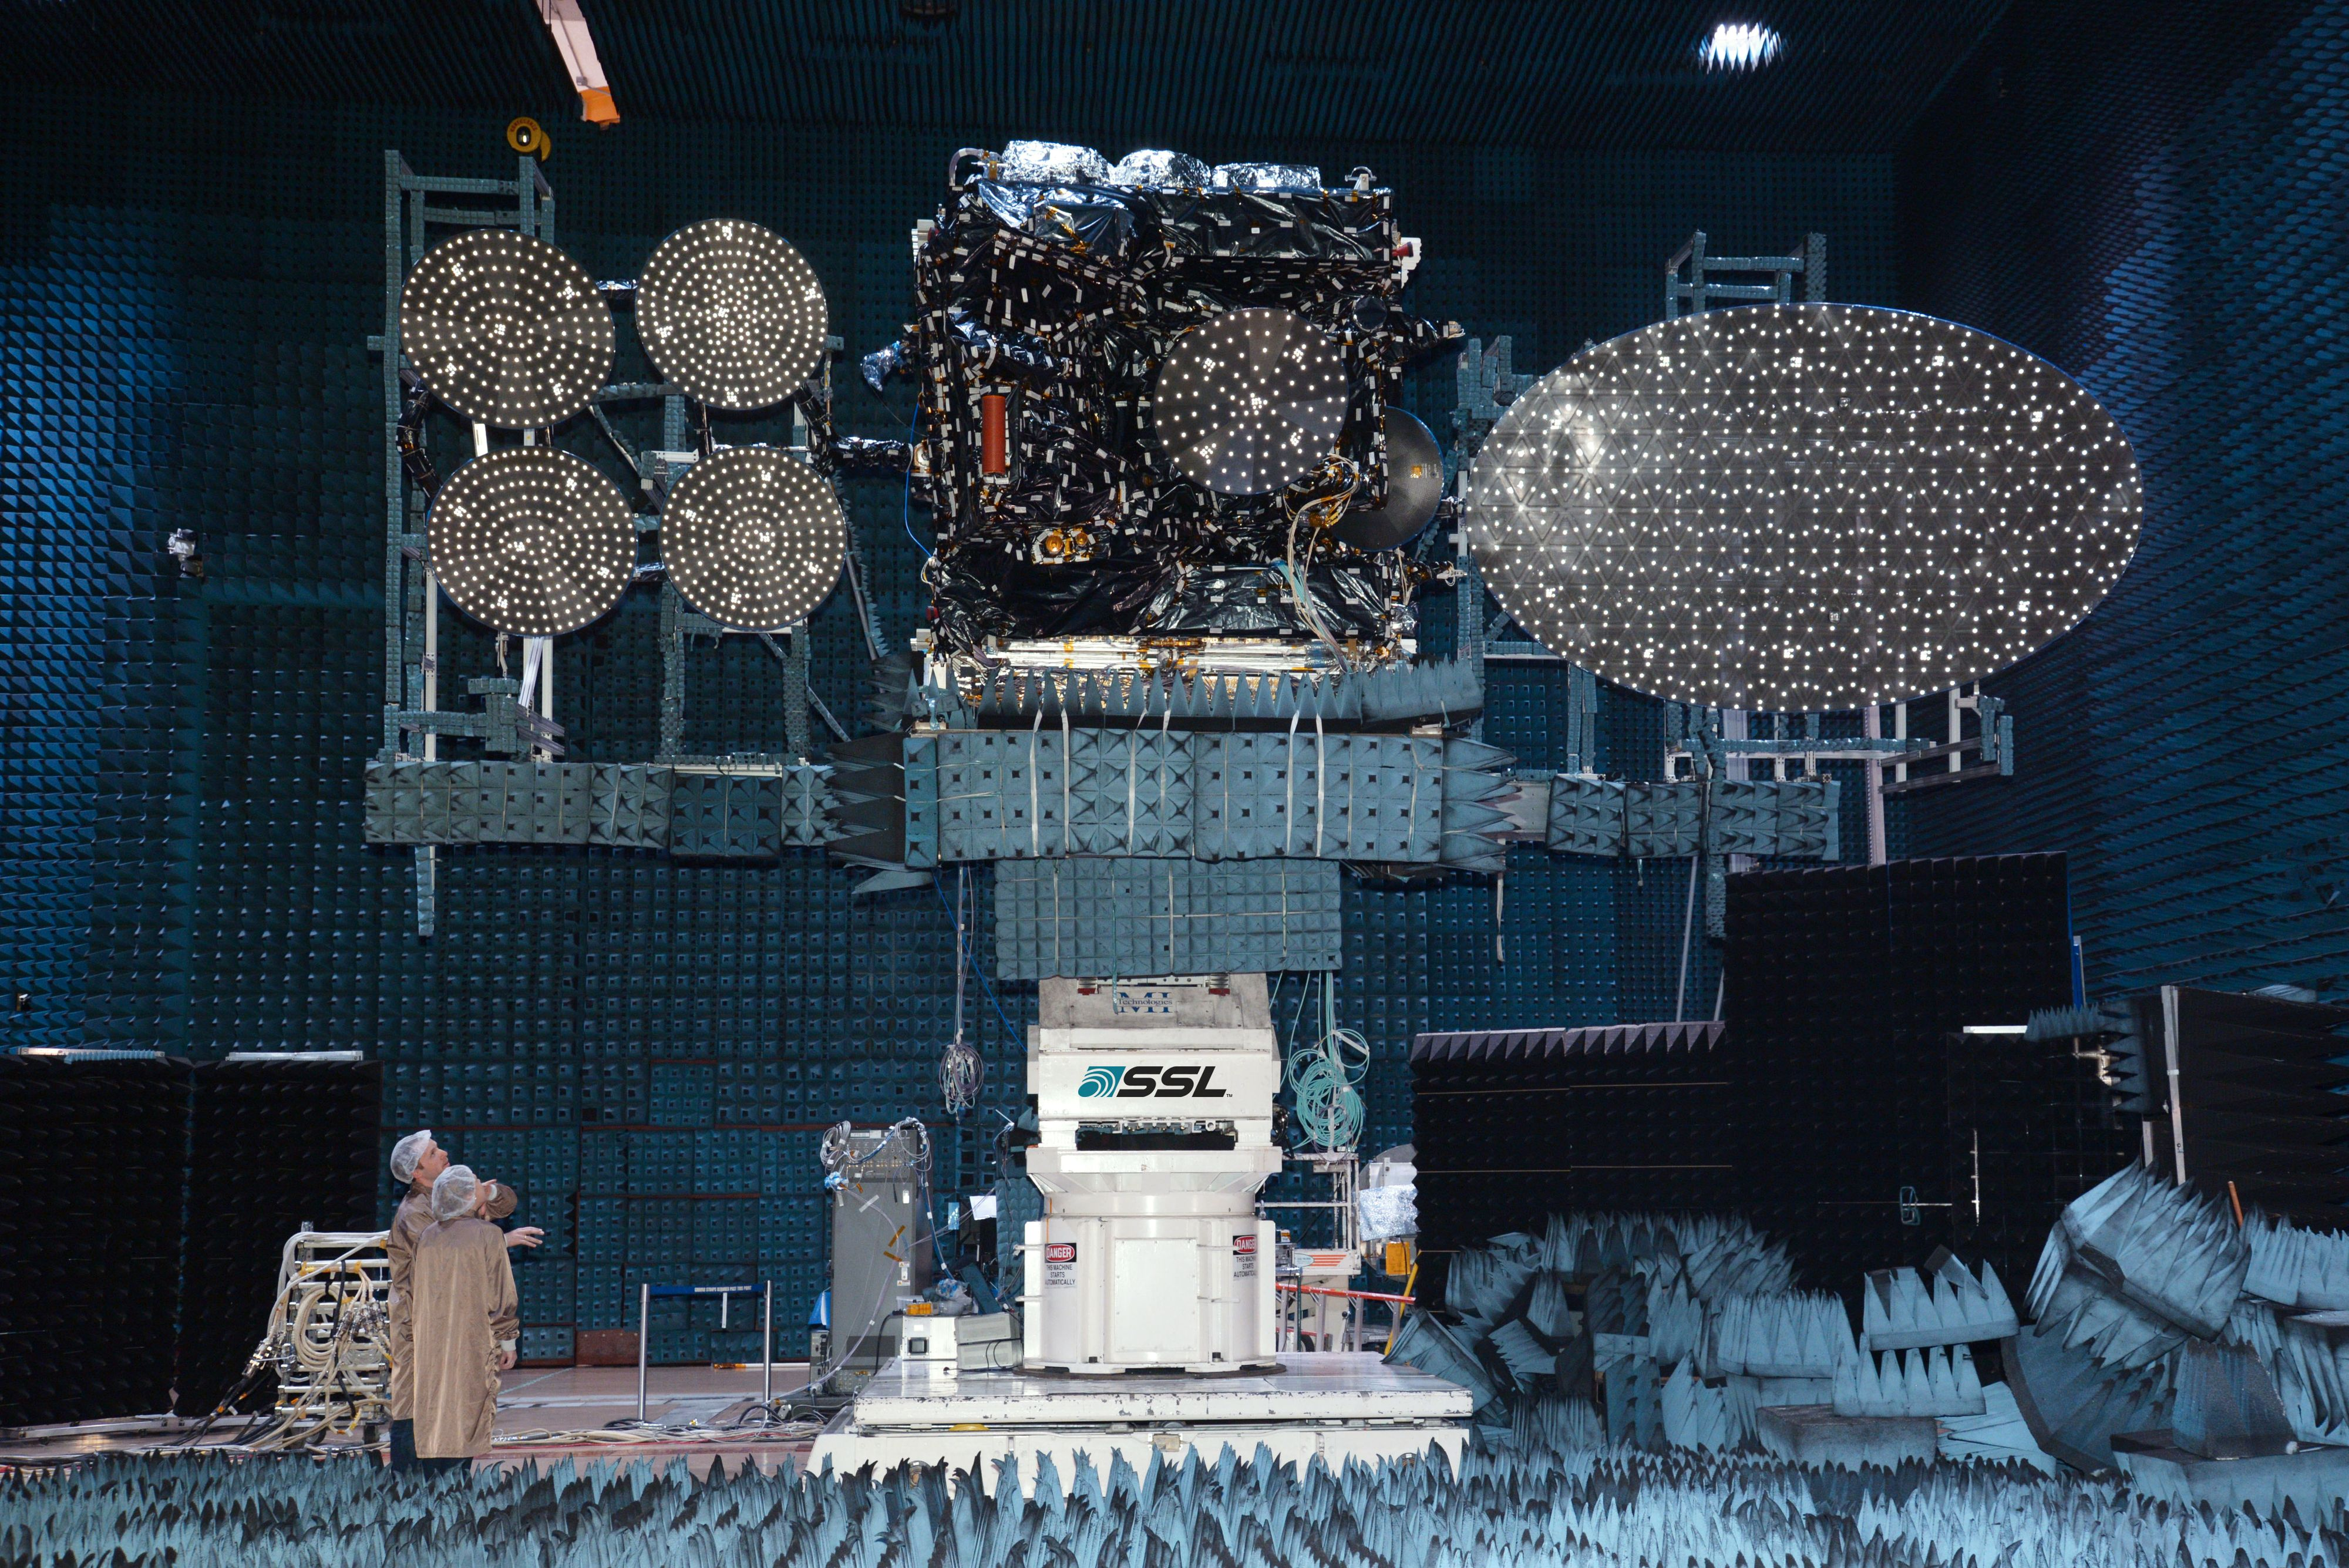 Thor 7 under testen av radioutstyret. Foto: SSL